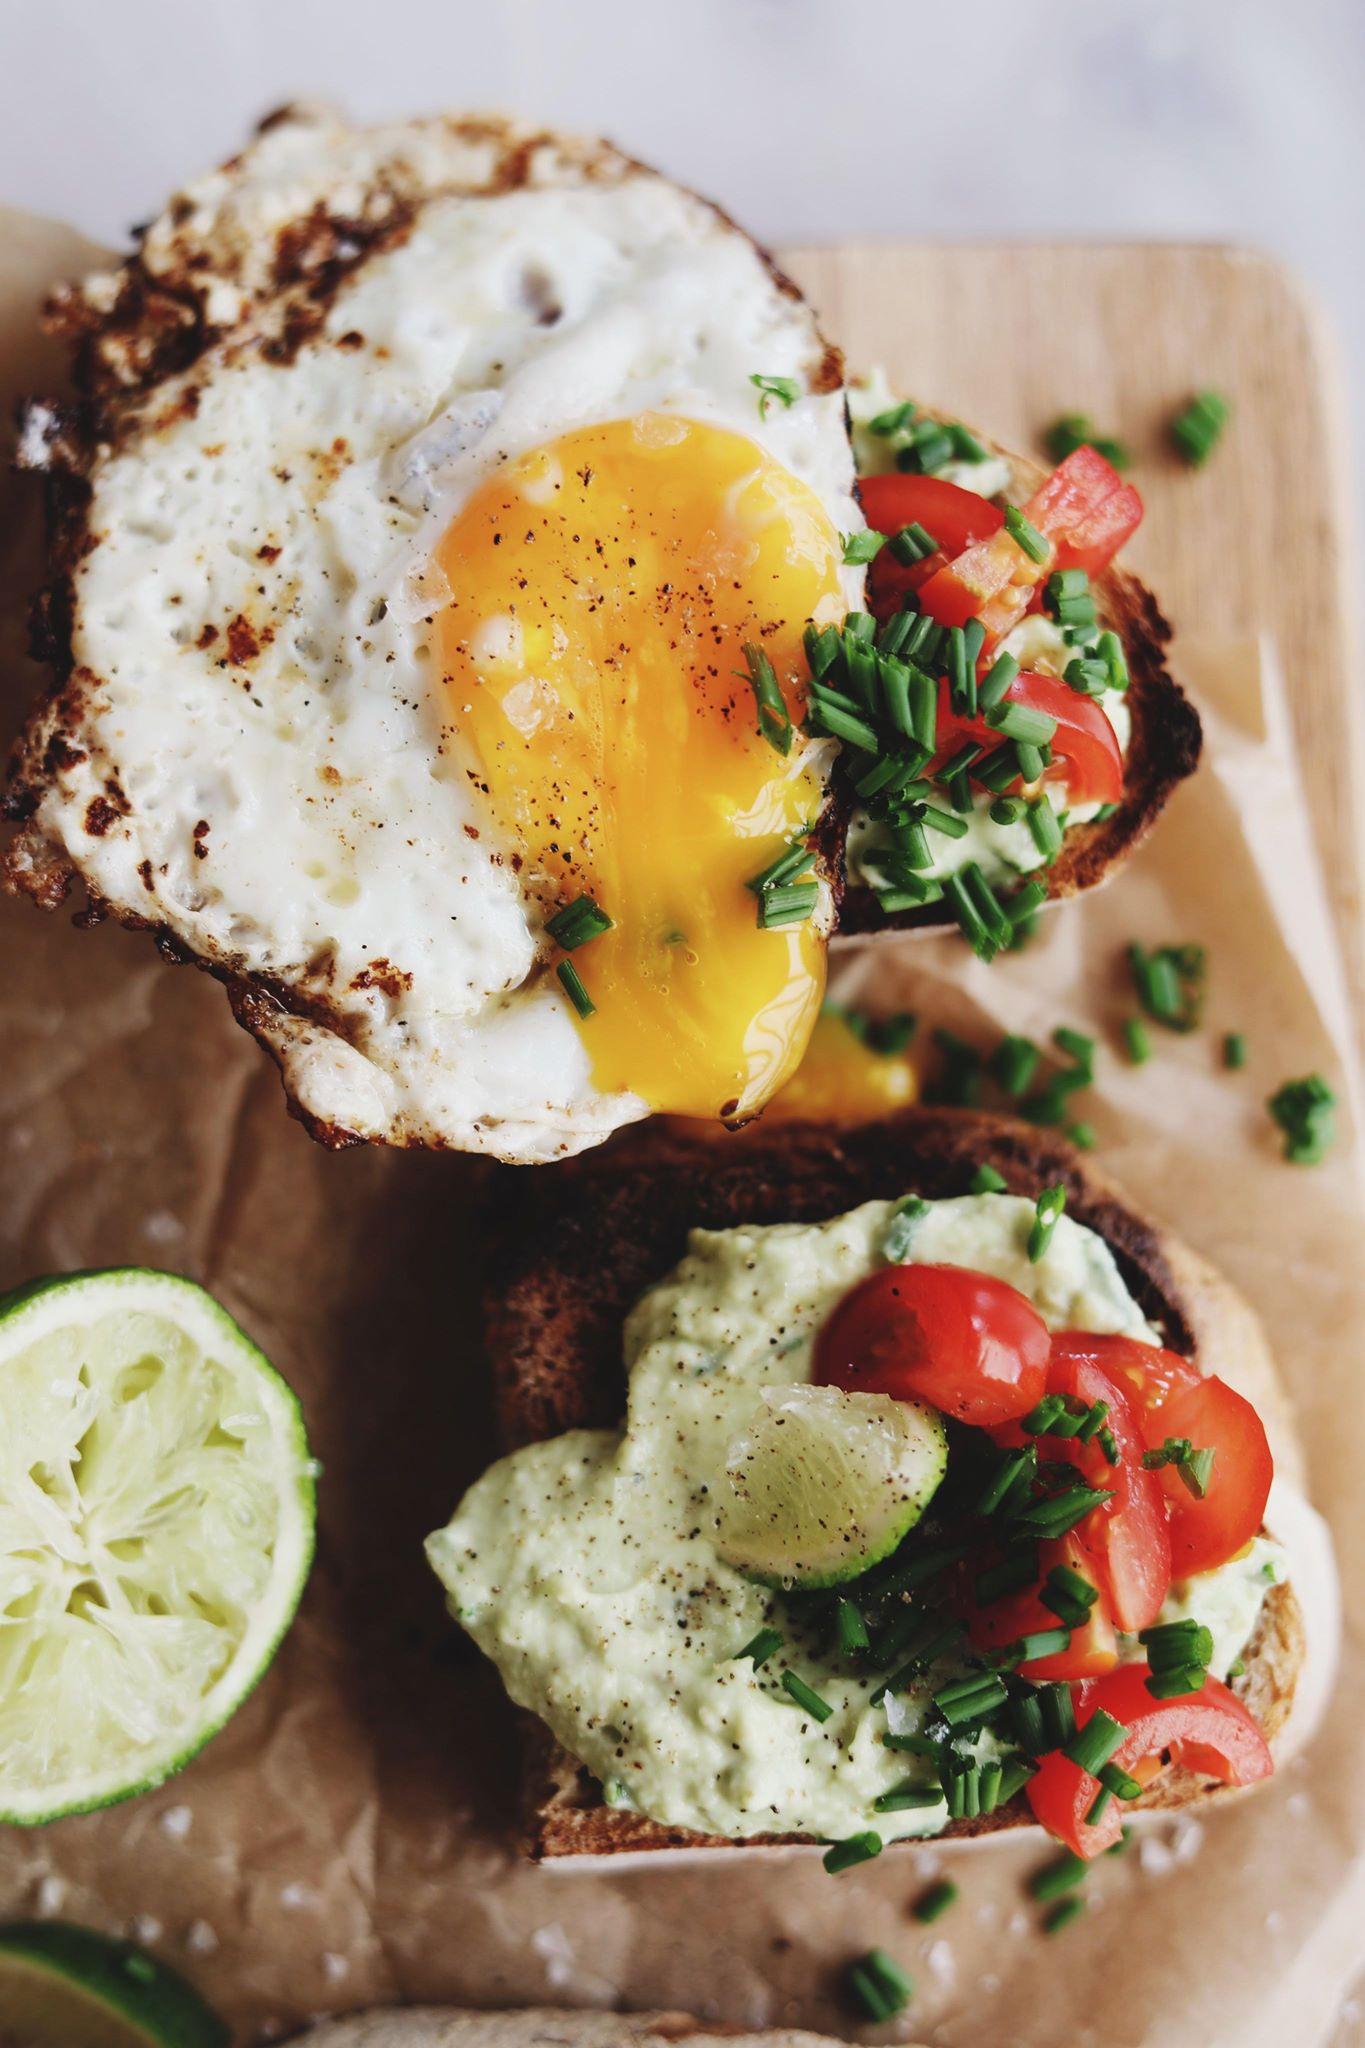 Surdejsbrød med avocado og æg